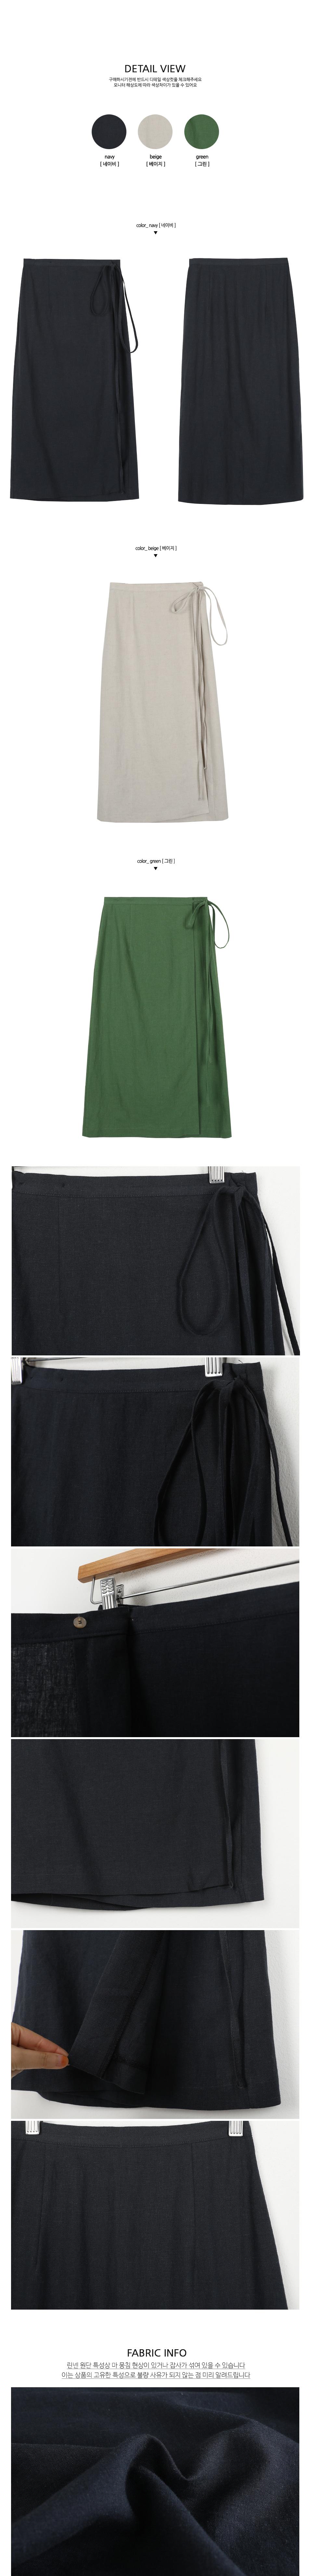 Vanilla lap skirt